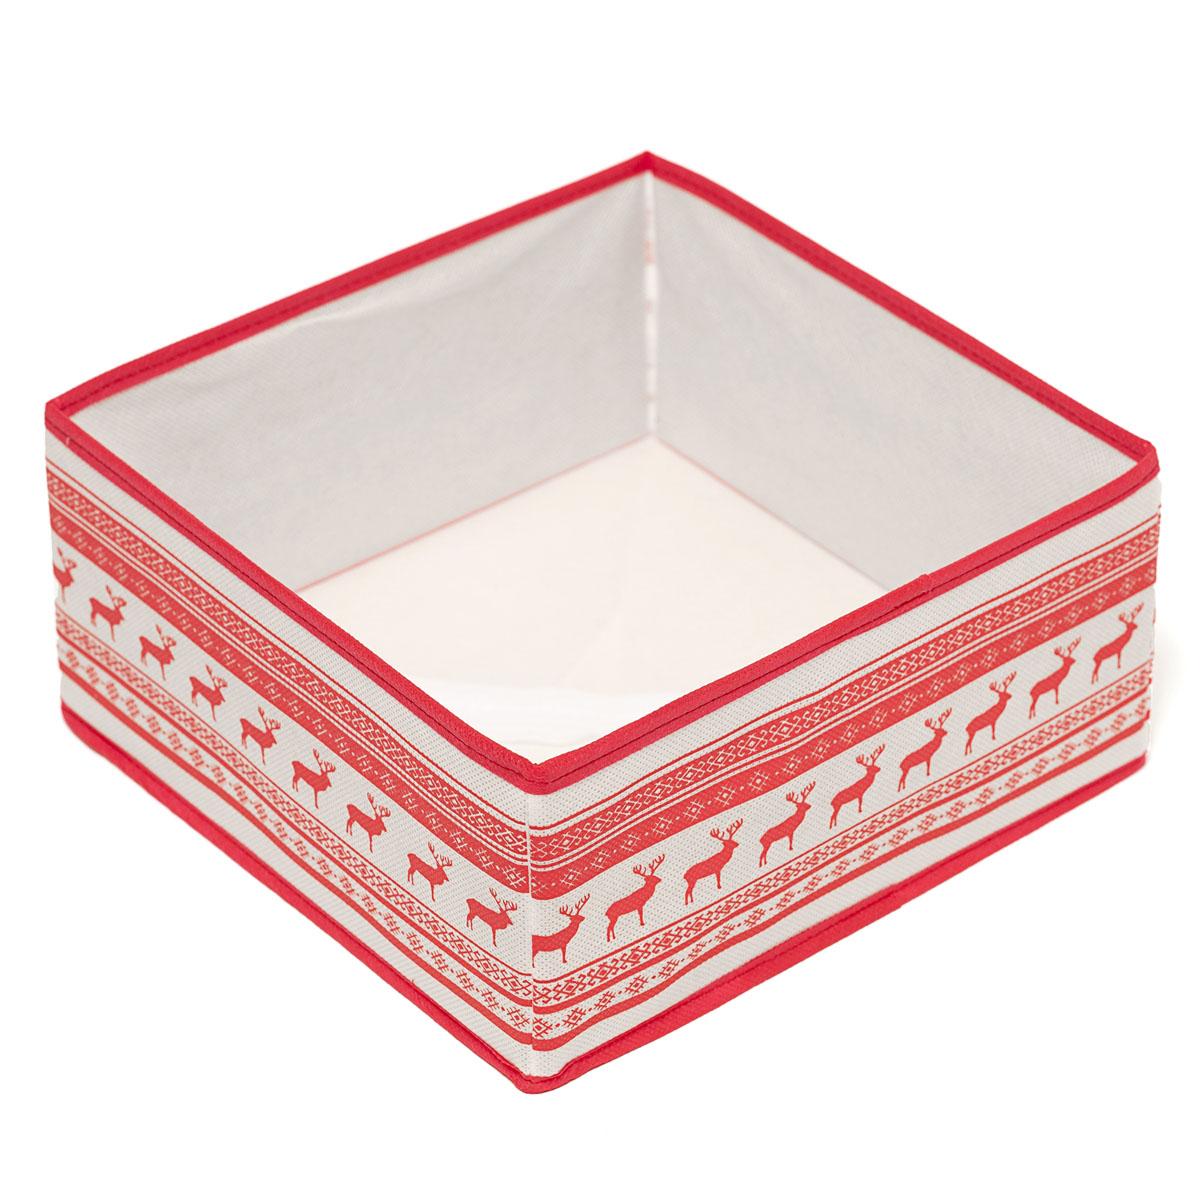 Кофр для хранения Homsu Scandinavia, 28 х 28 х 13 см74-0120Кофр для хранения Homsu Scandinavia изготовлен из высококачественного нетканого полотна и декорирован красочным изображением. Кофр имеет одно большое отделение, где вы можете хранить различные бытовые вещи, нижнее белье, одежду и многое другое. Вставки из картона обеспечивают прочность конструкции. Стильный принт, модный цвет и качество исполнения сделают такой кофр незаменимым для хранения ваших вещей.